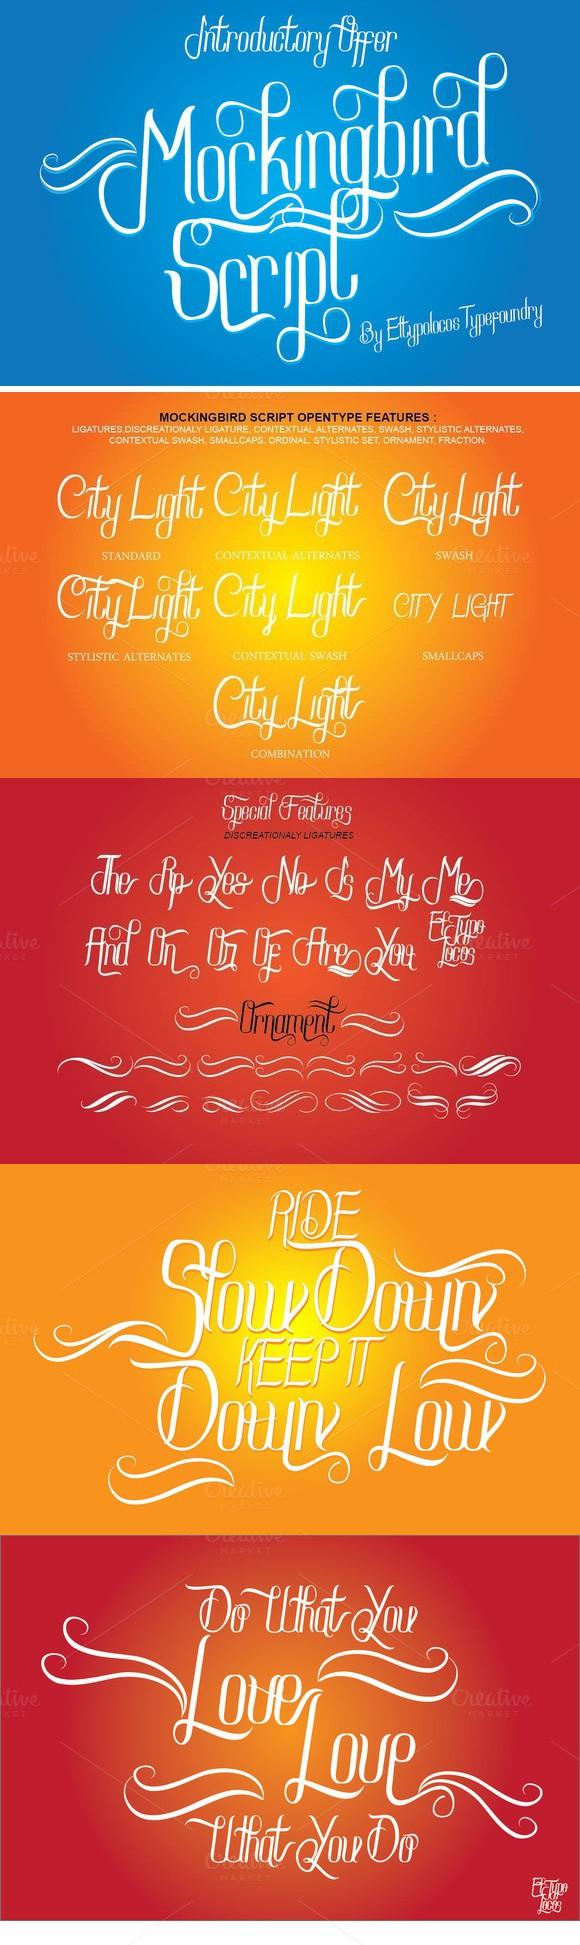 Mockingbird Script | Fonts